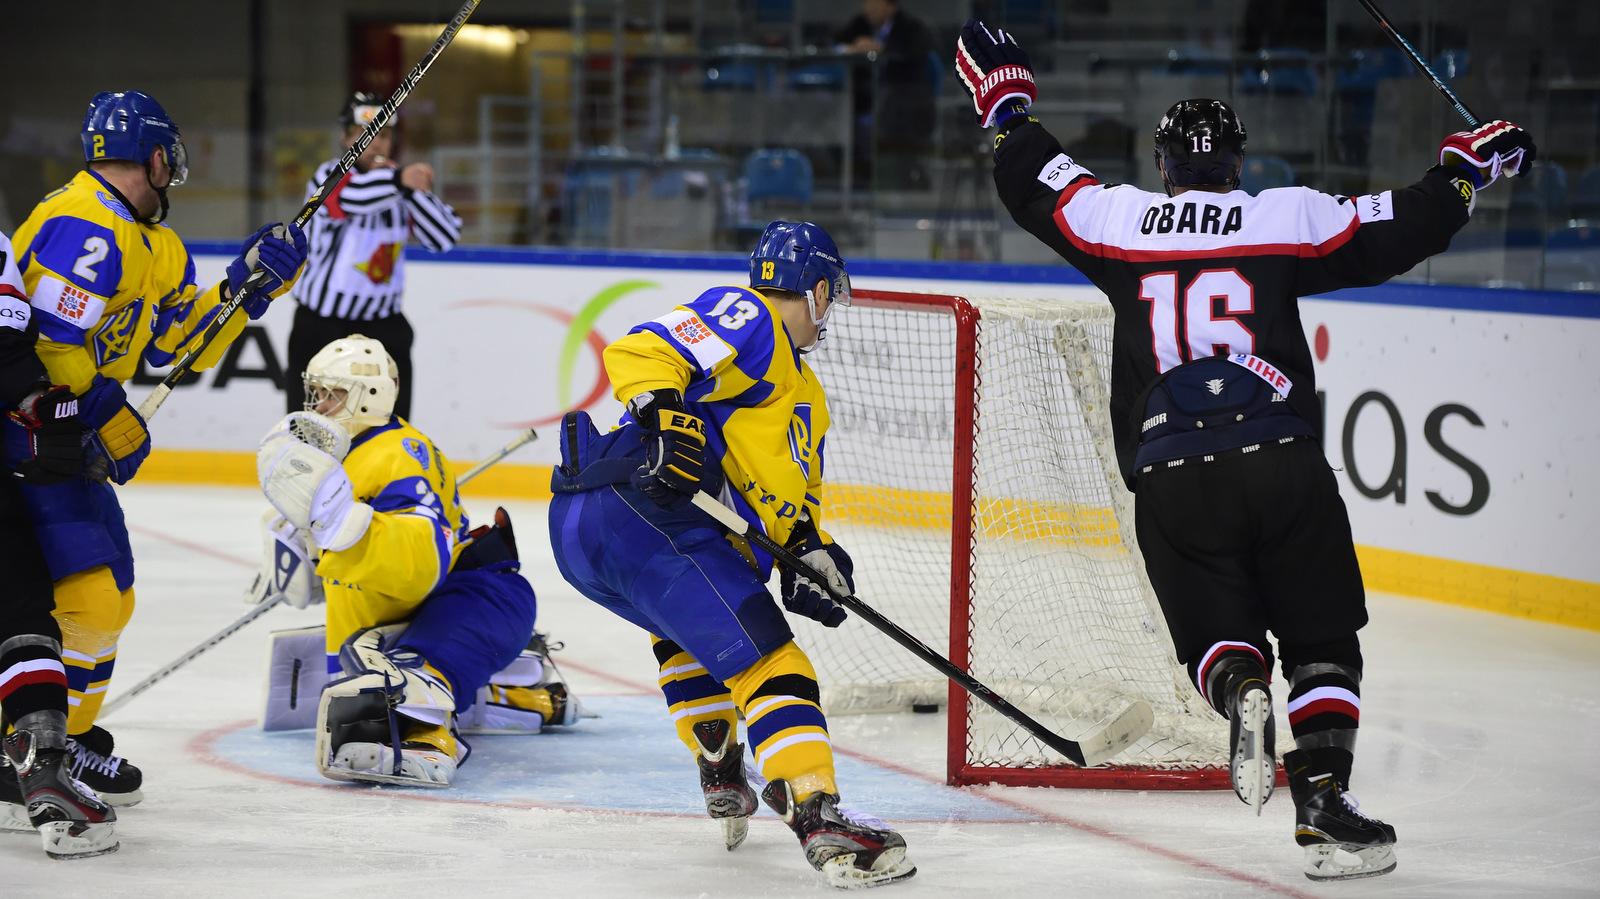 сборная Венгрии, сборная Украины, Сборная Италии по хоккею, сборная Японии, сборная Казахстана, сборная Польши, ЧМ-2019 (первый дивизион)